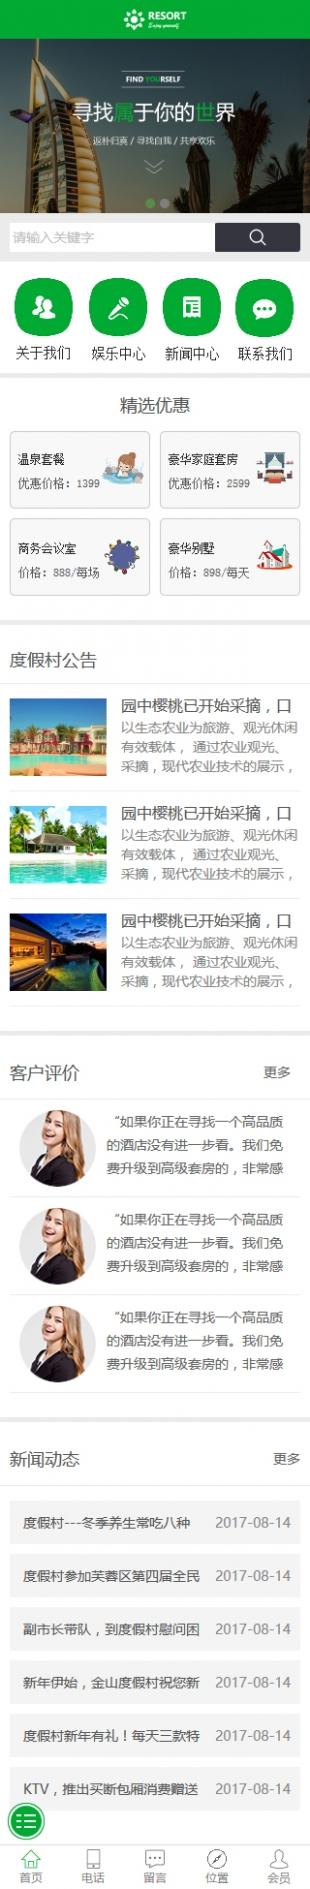 休闲度假类网站通用模板手机图片